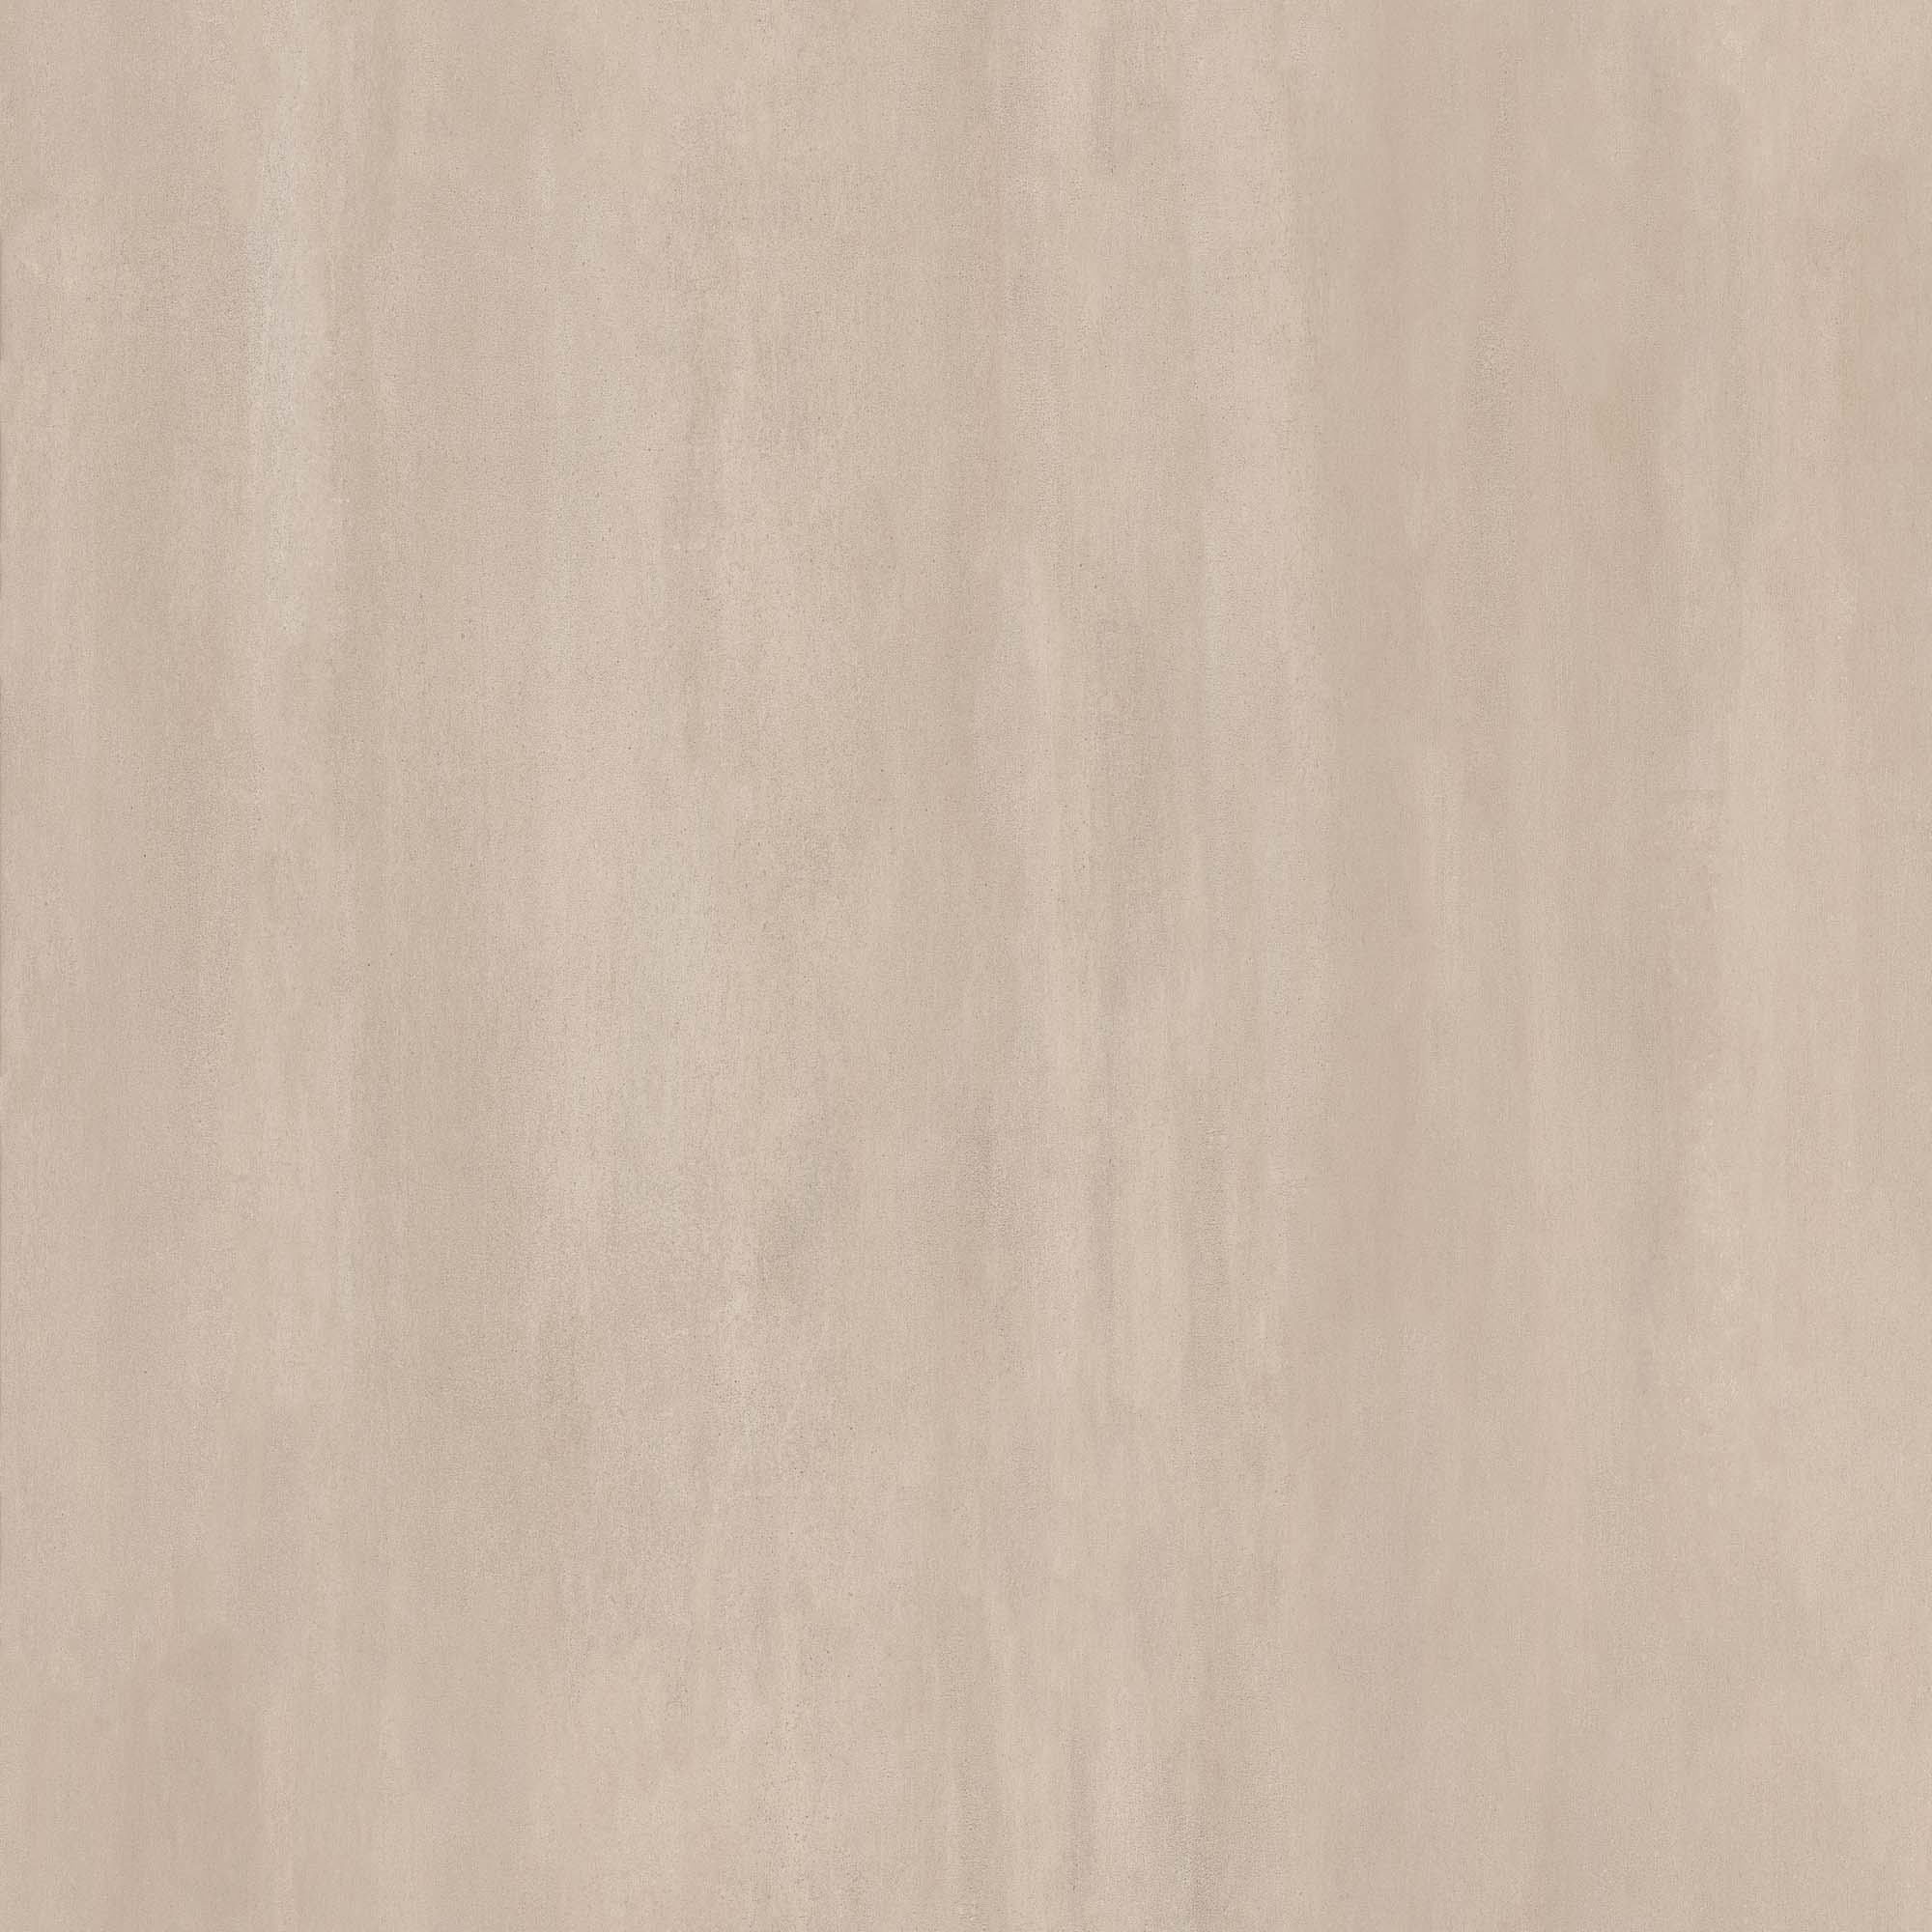 Porcelanato Embramaco Cimento Gloss Gray 83X83cm Acetinado  - Casa Mattos